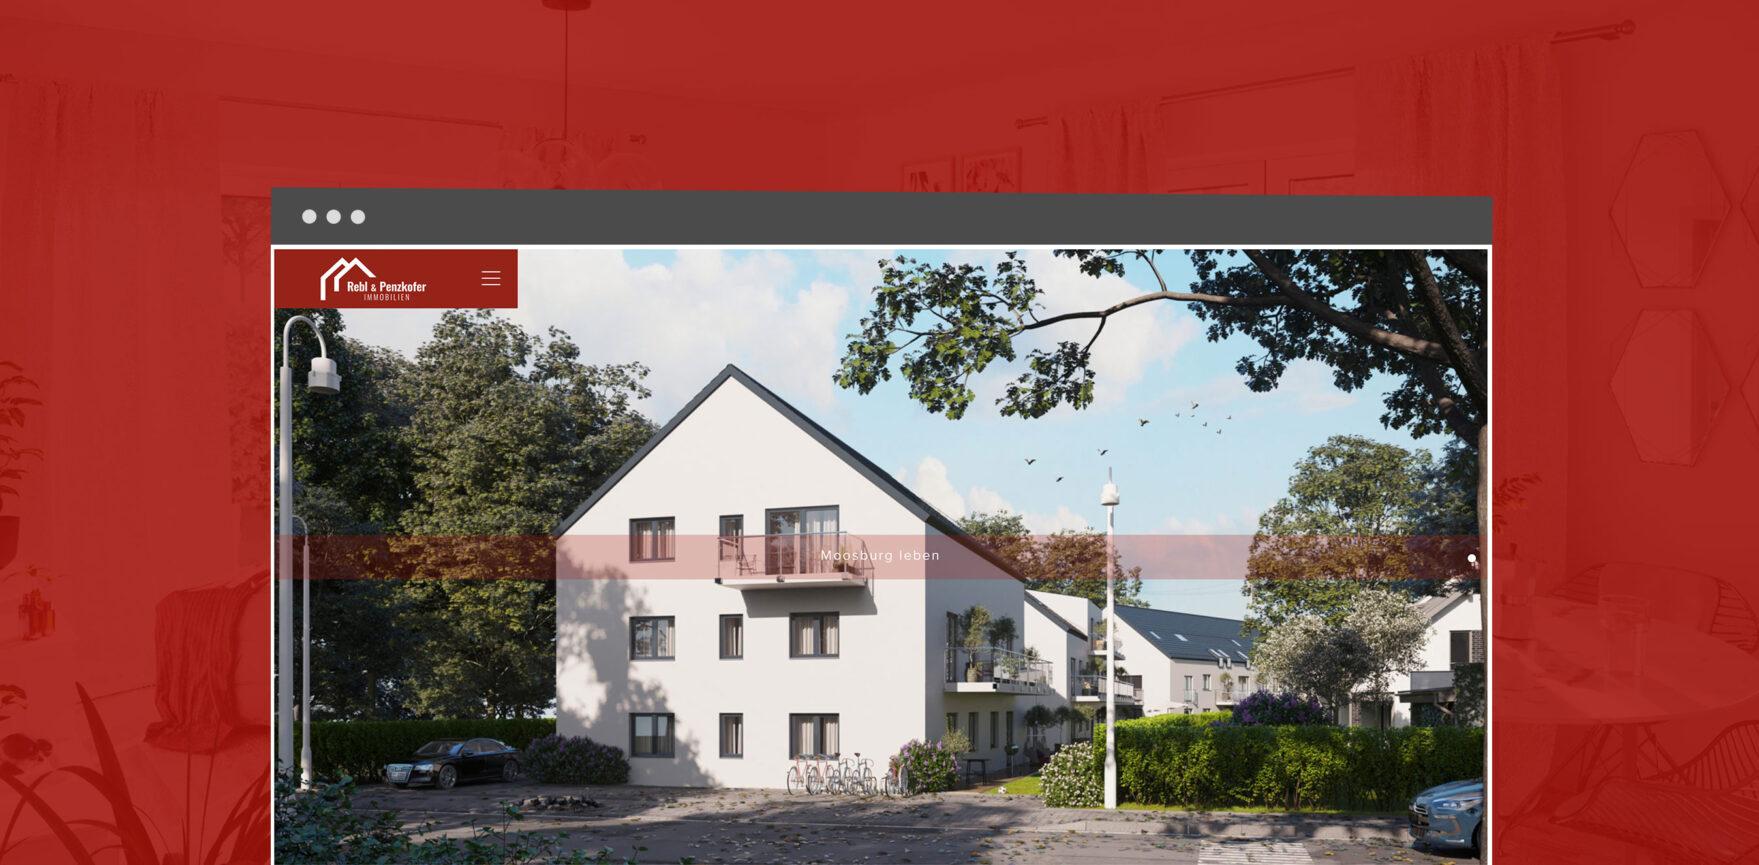 Rebl und Penzkofer Website Immobilien Startseite